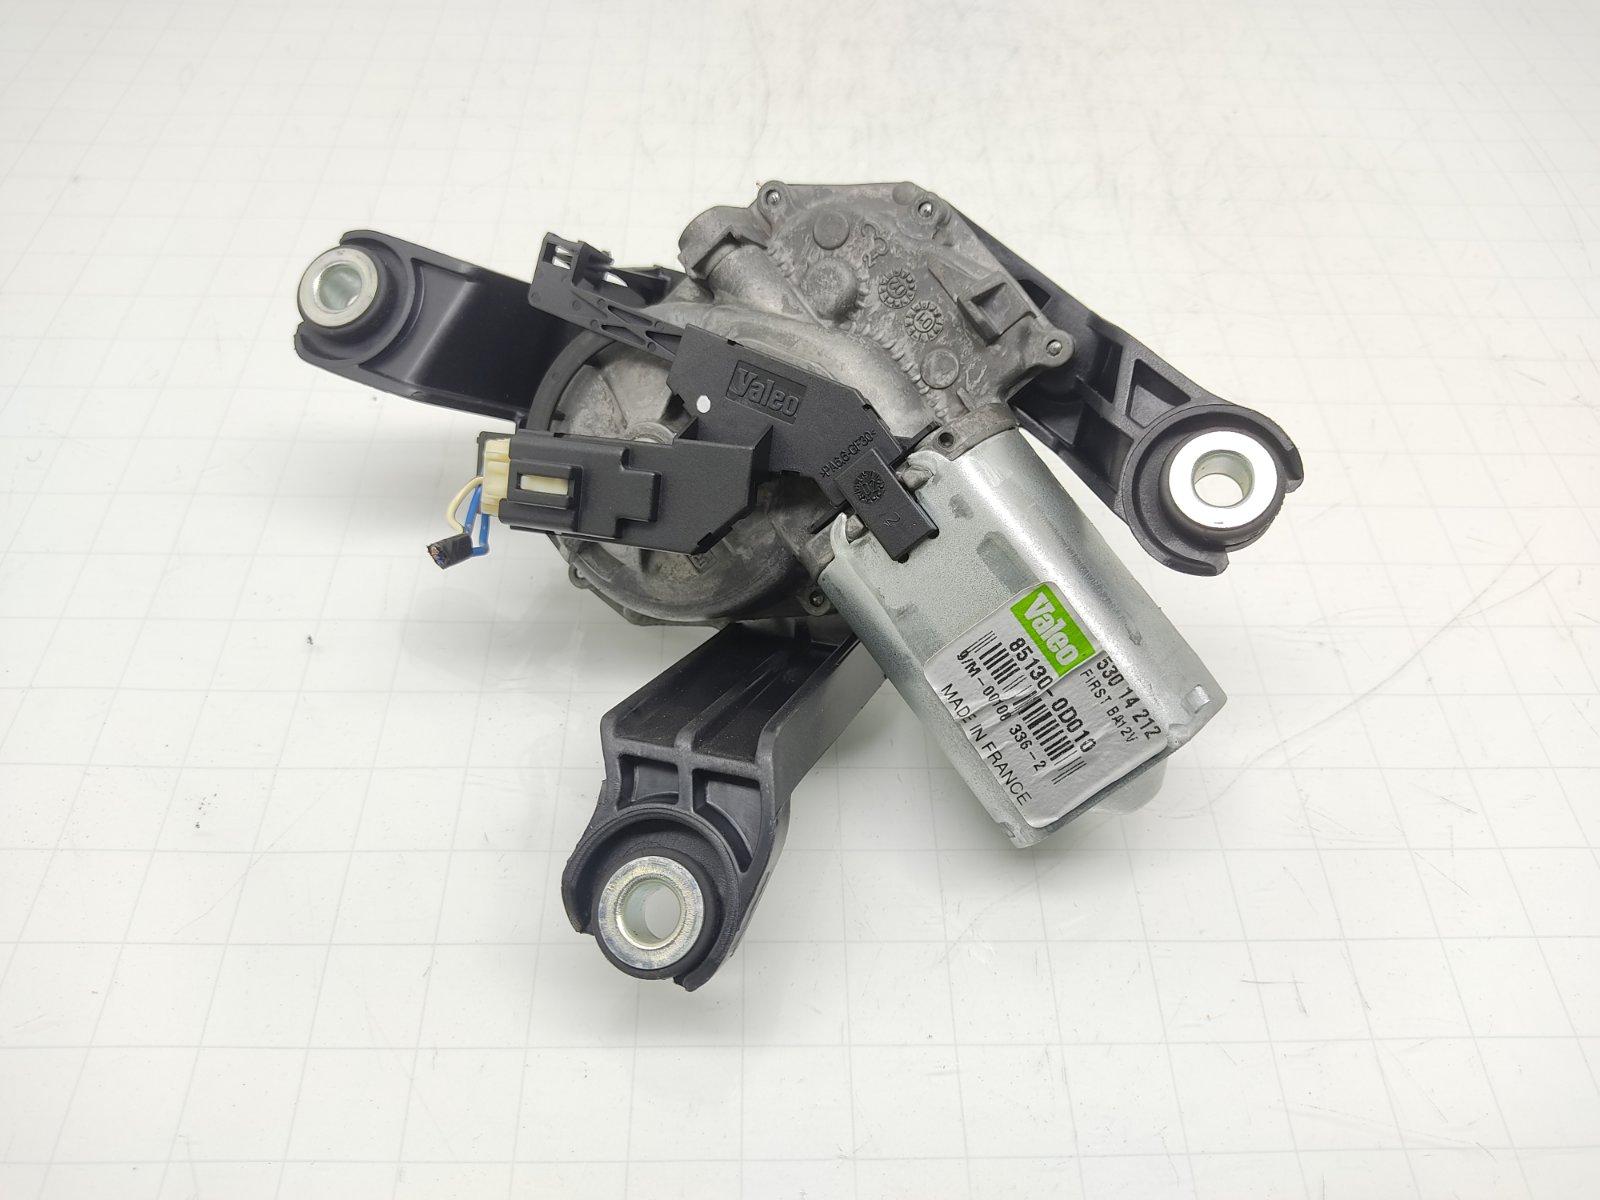 Моторчик заднего стеклоочистителя (дворника) Toyota Yaris P1 1.3 I 2002 (б/у)